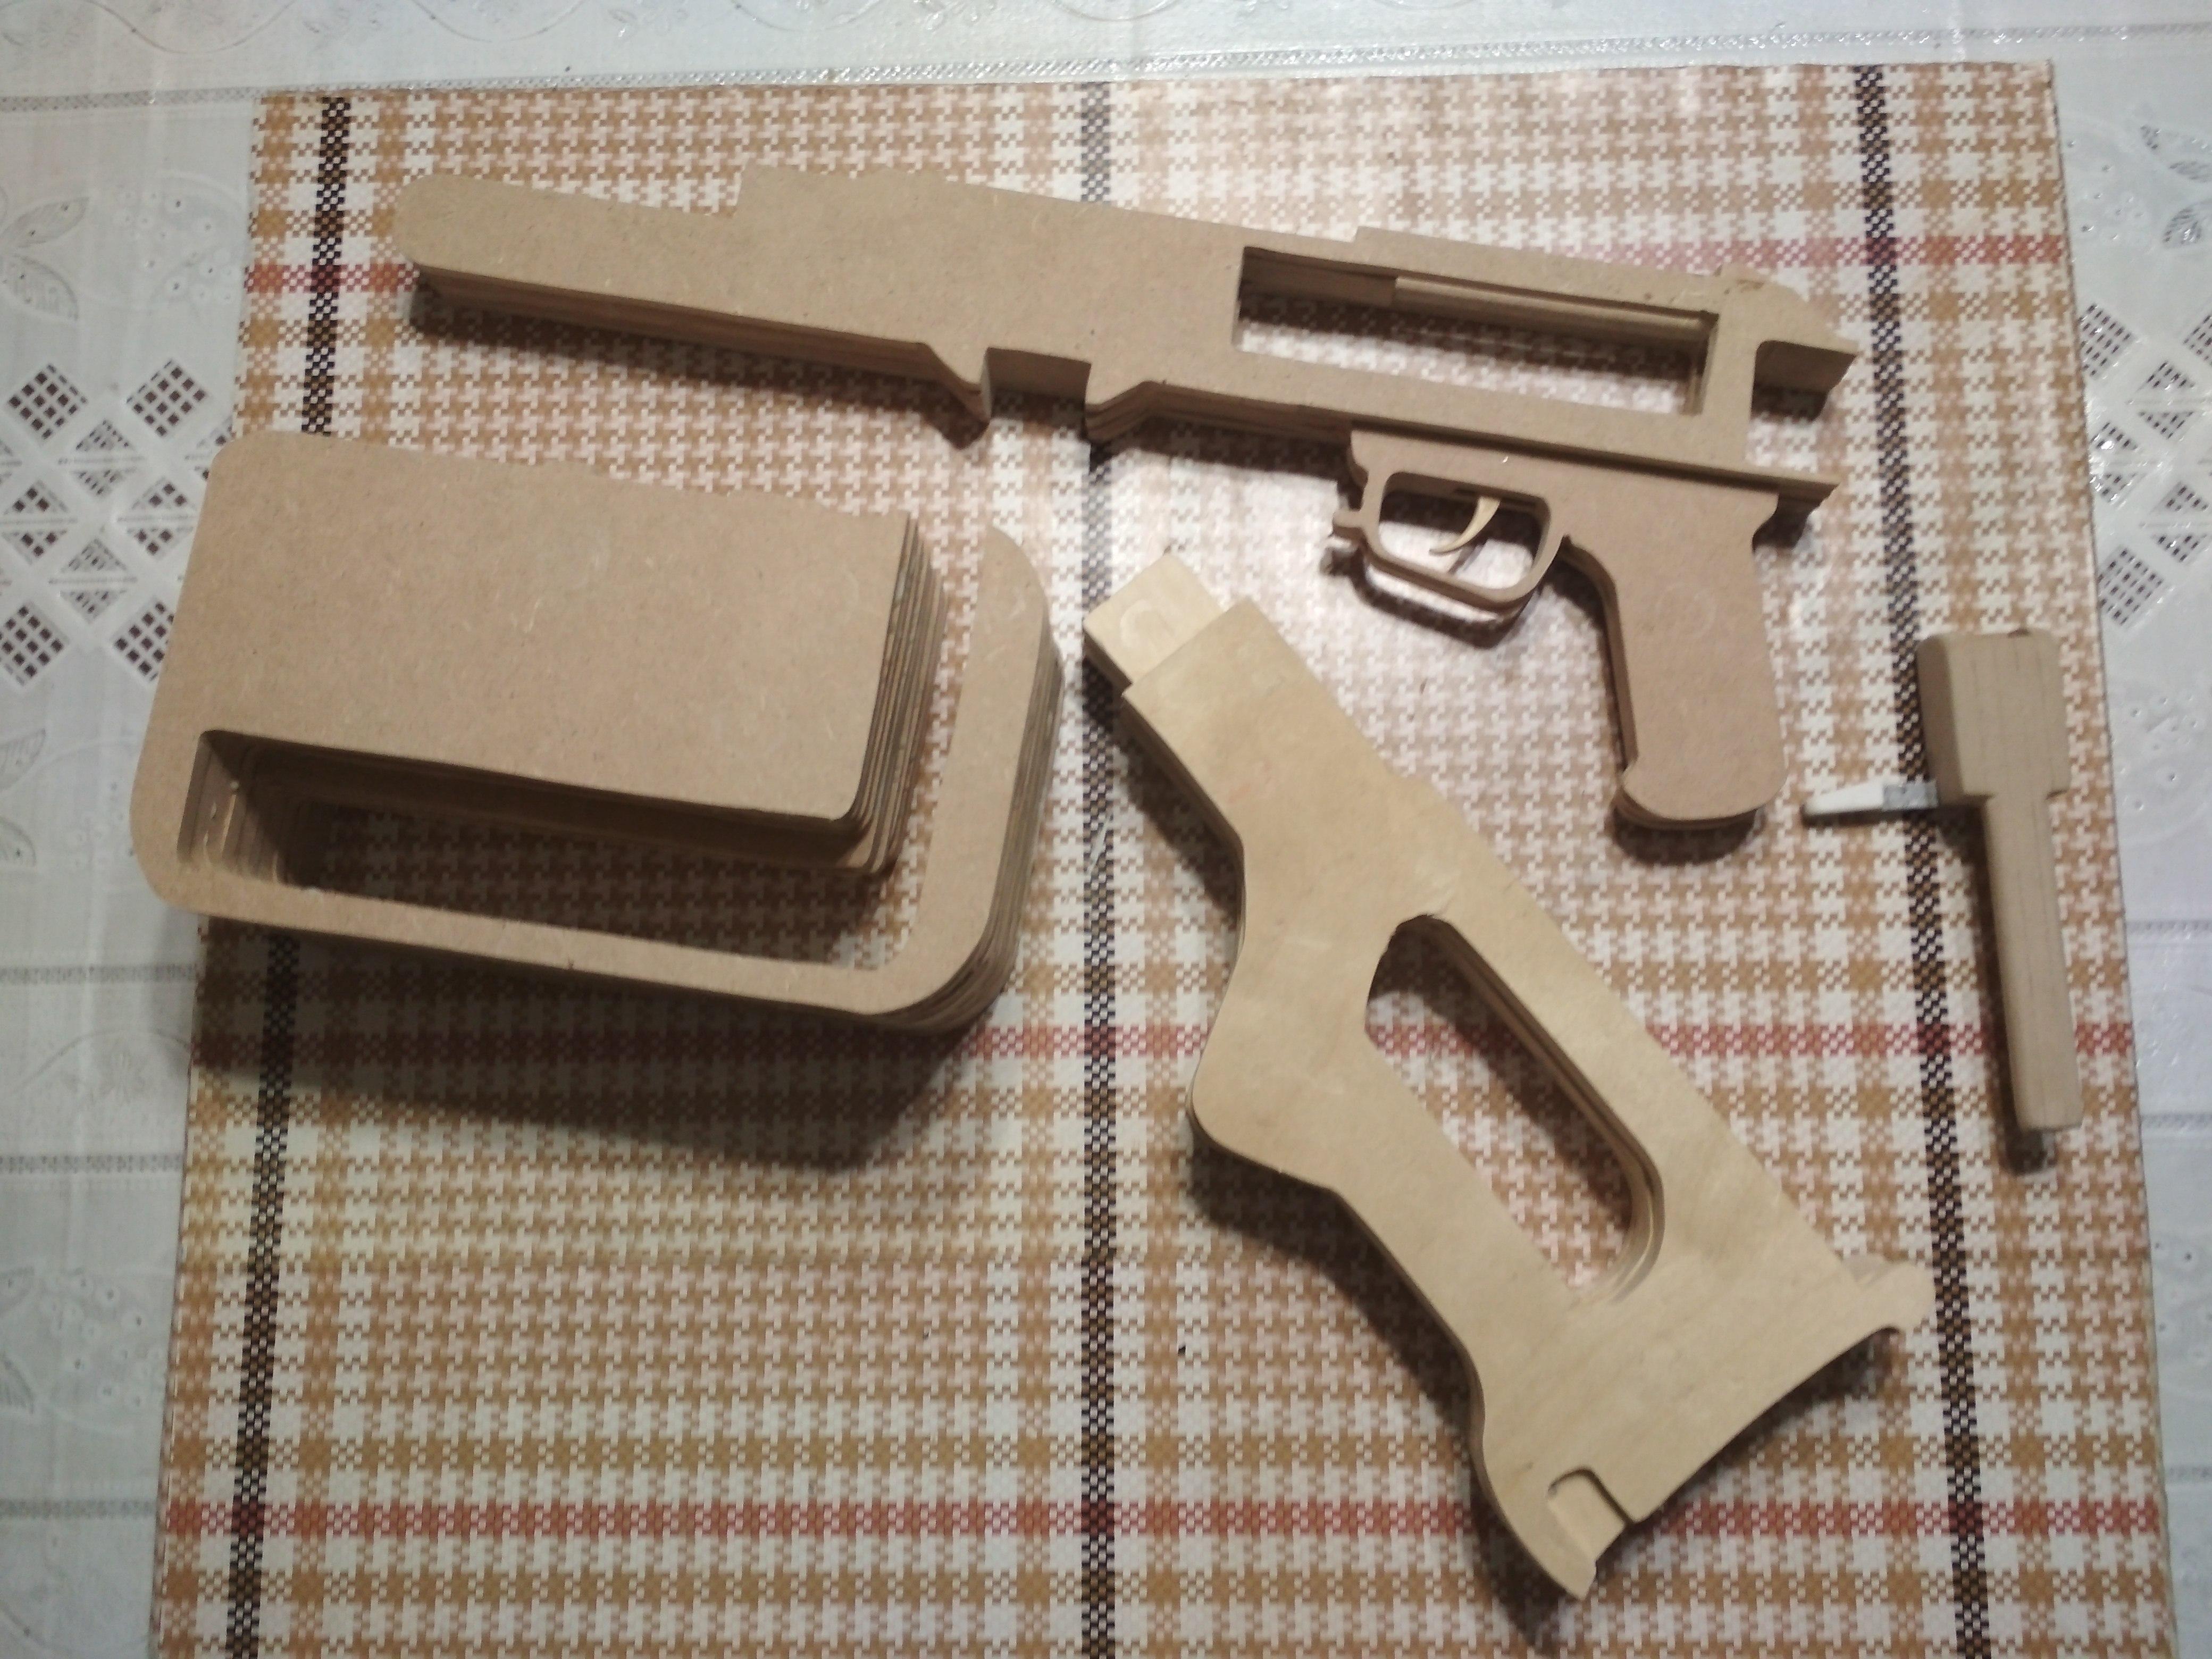 Игрушка-макет Пулемёта Калашникова из дерева. - Изображение 3